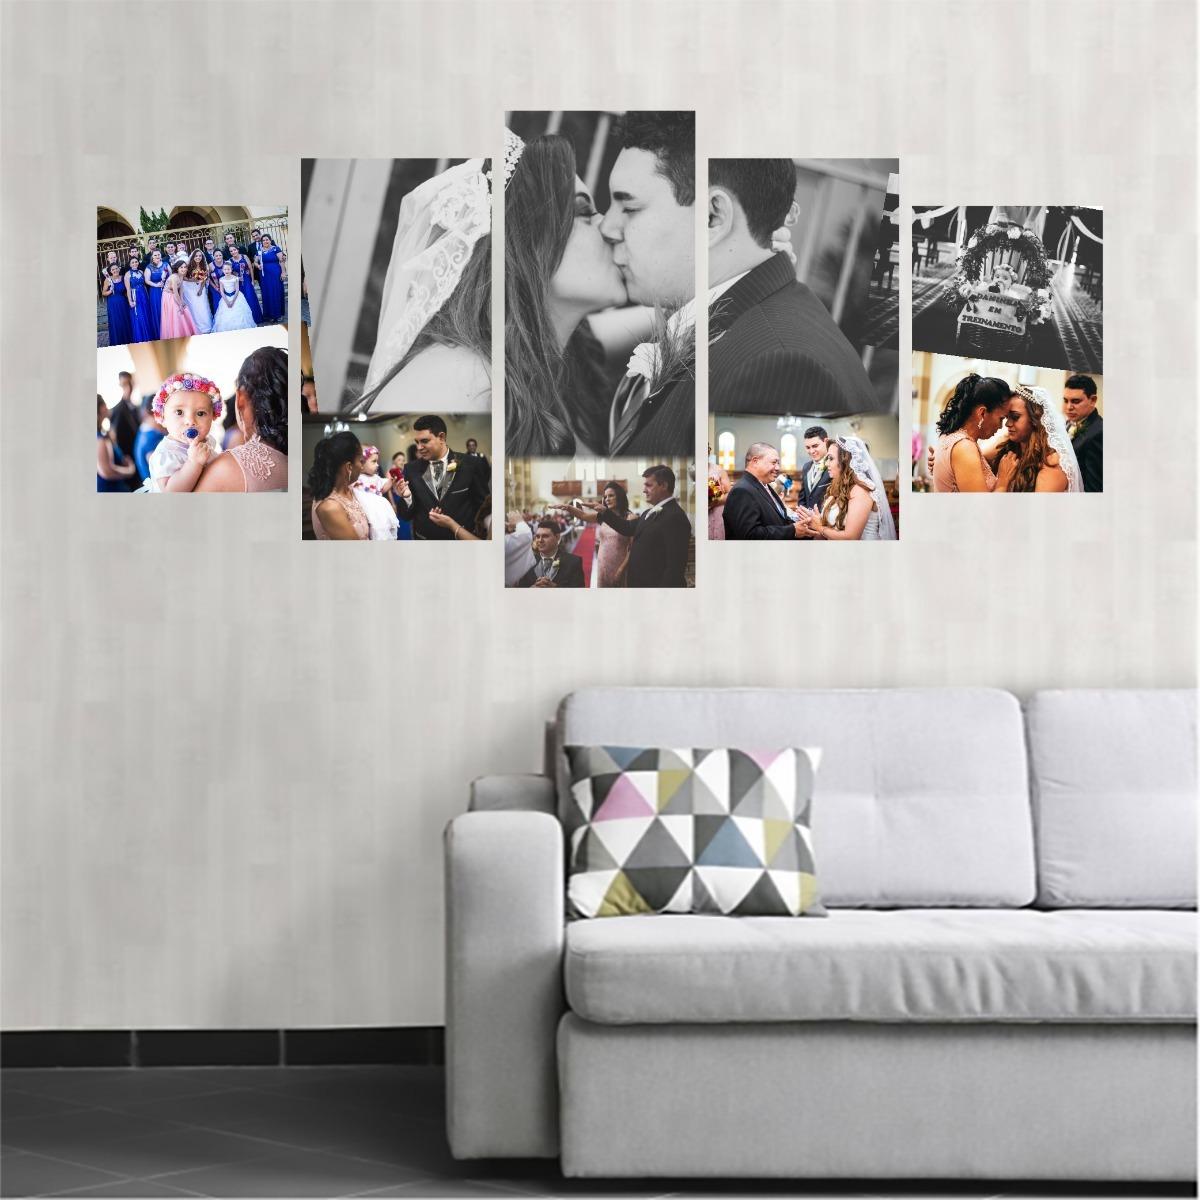 08150c38e quadro personalizado mega quadro 2x1 tela canvas com foto. Carregando zoom.